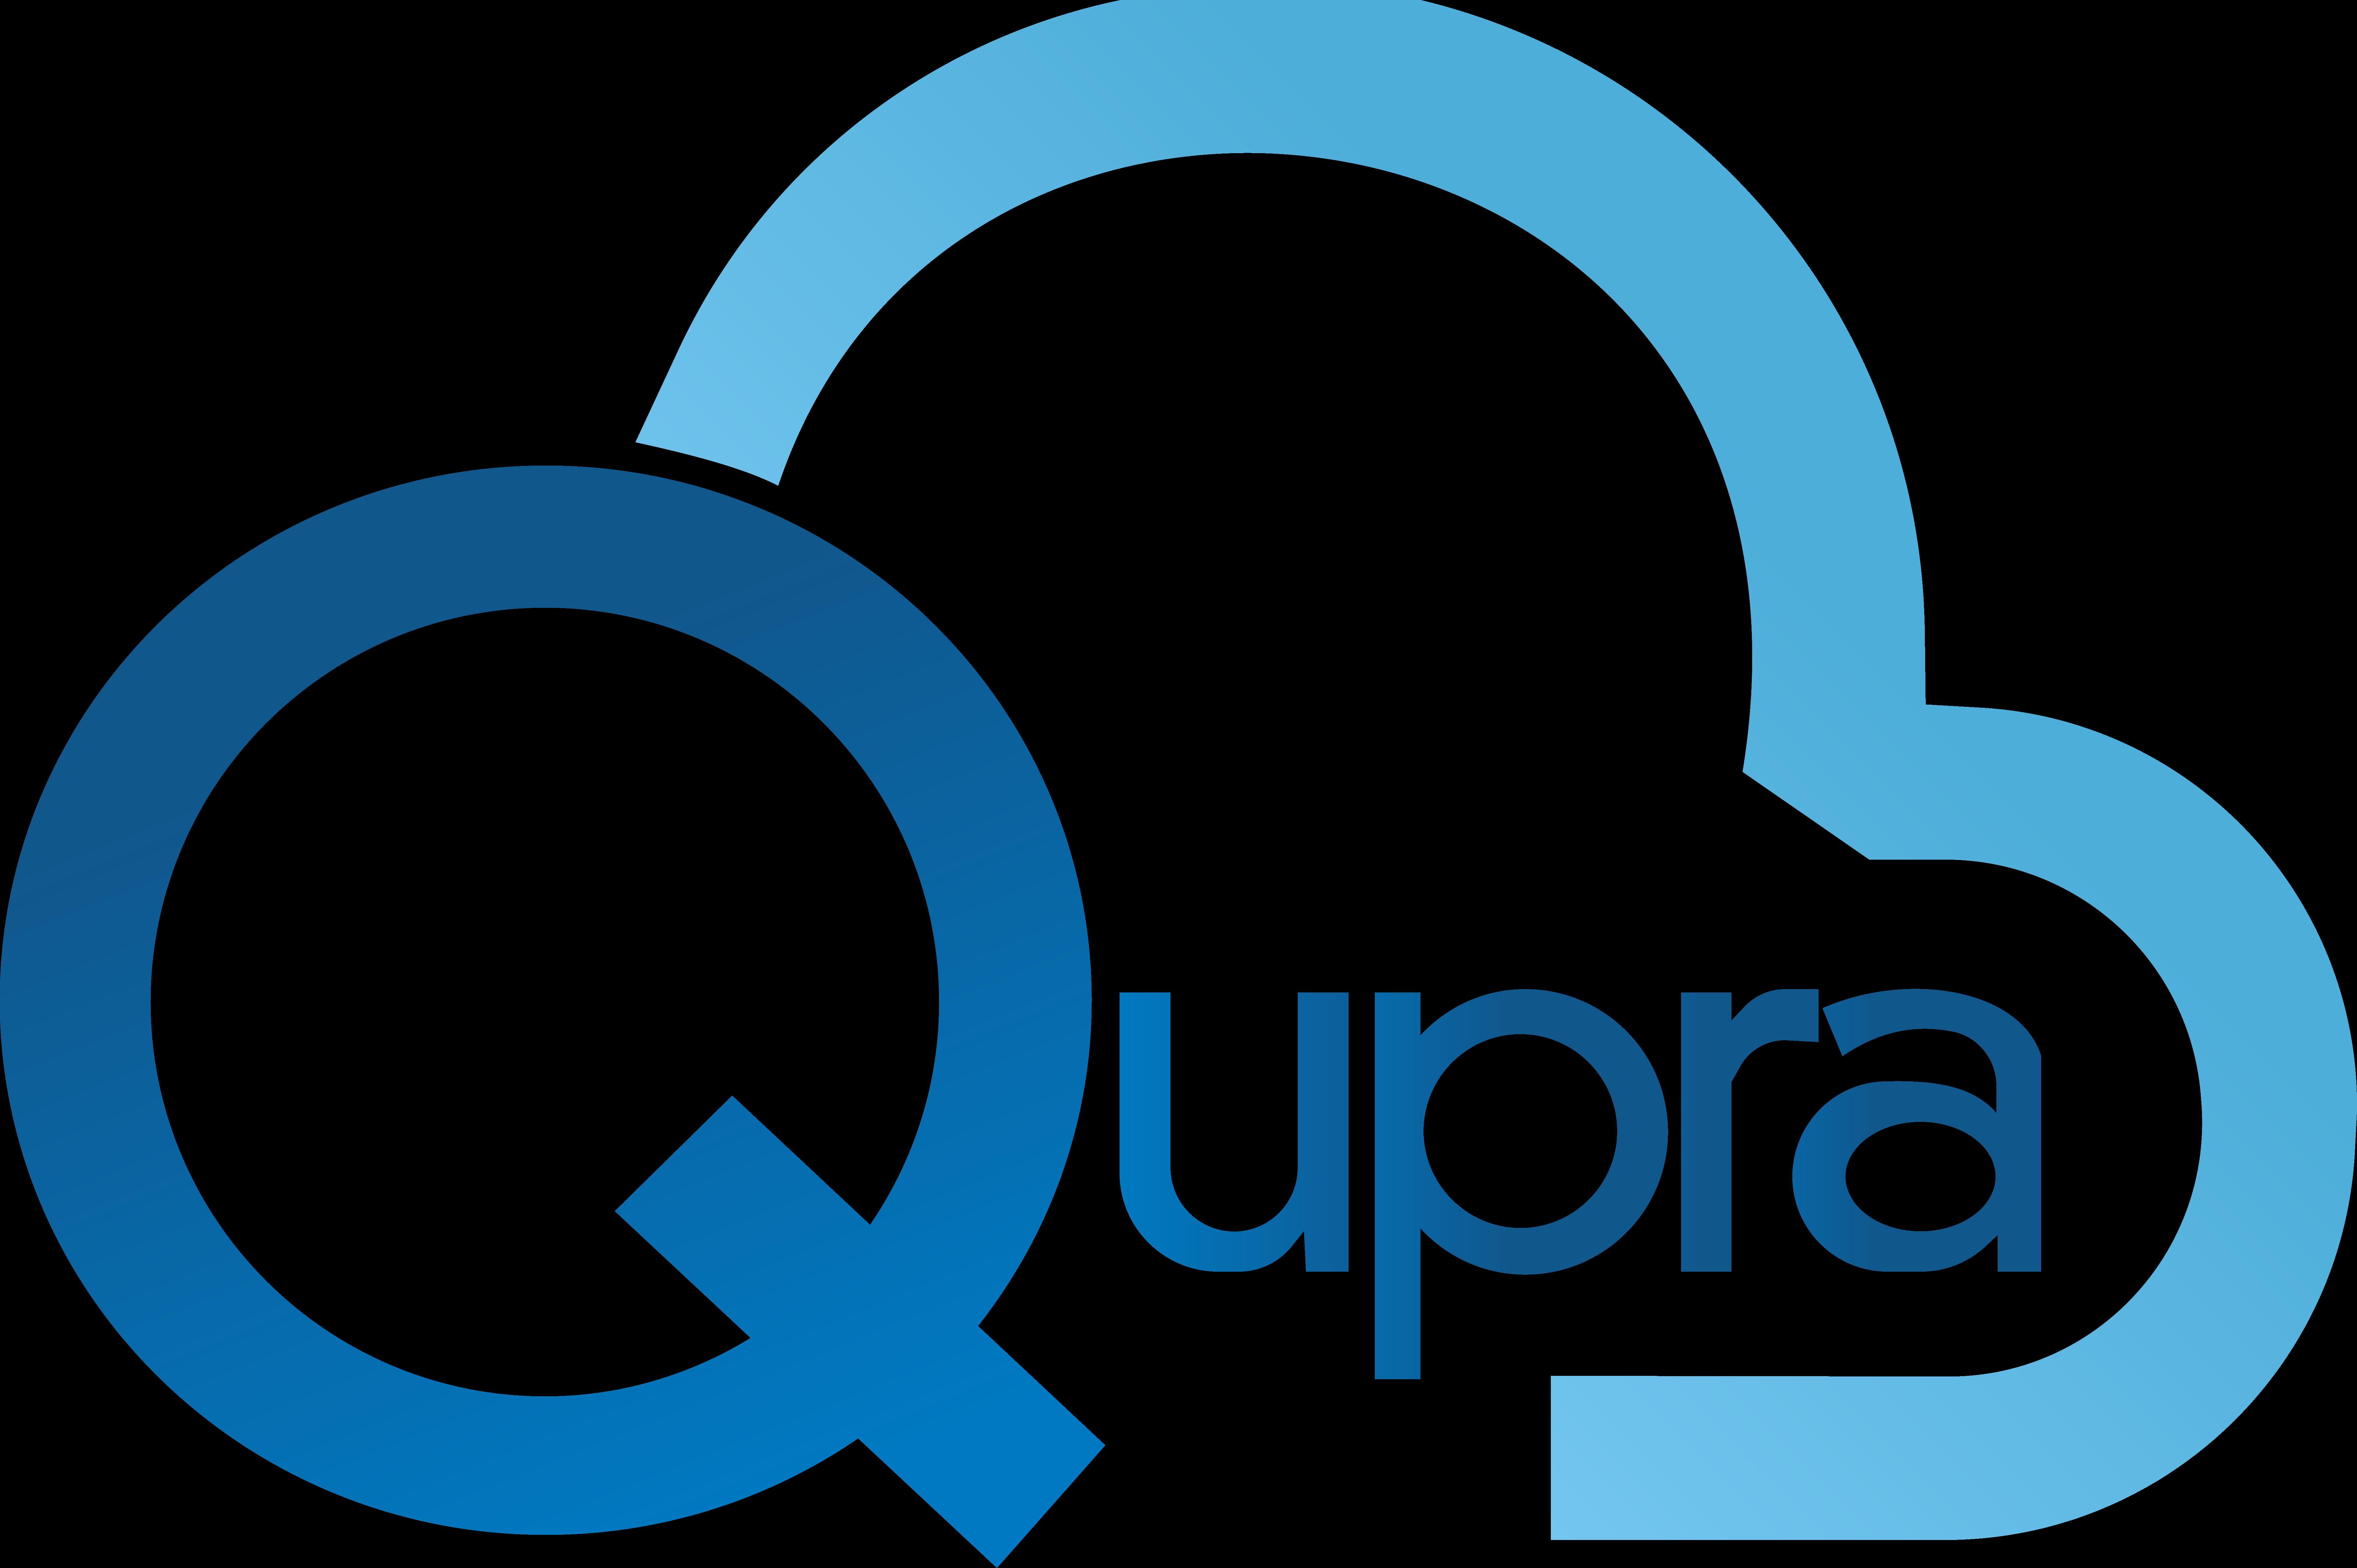 Qupra Wholesale